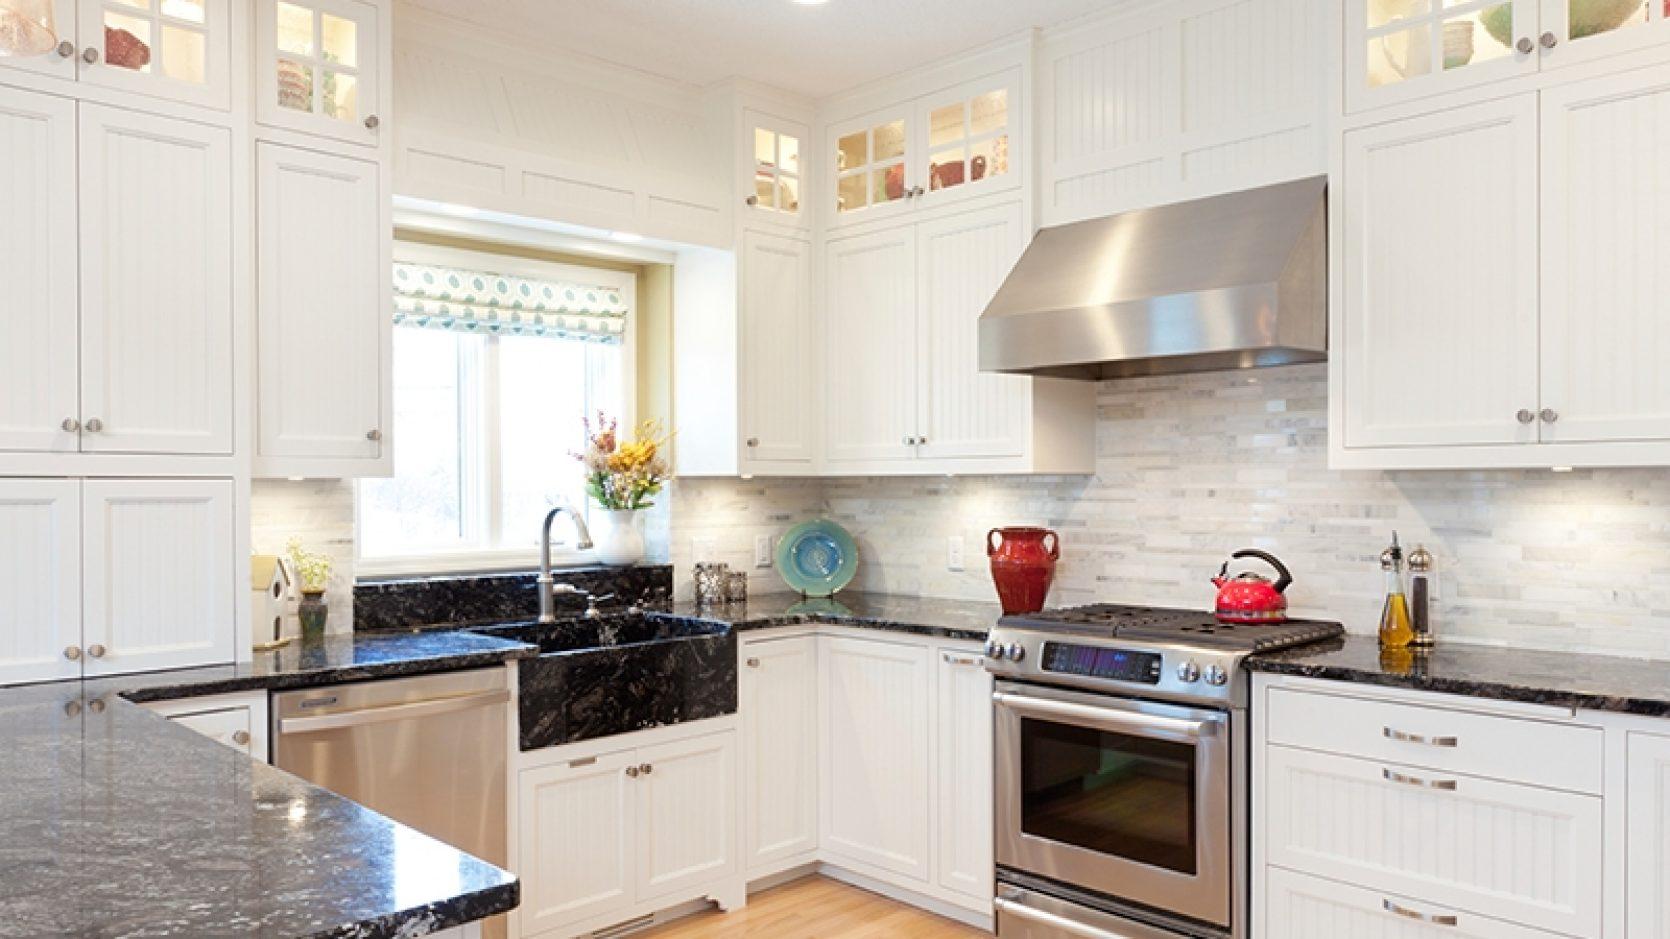 Lyst kjøkken med marmorplater, ovn og vaskemaskin i børstet stål, hvite skap